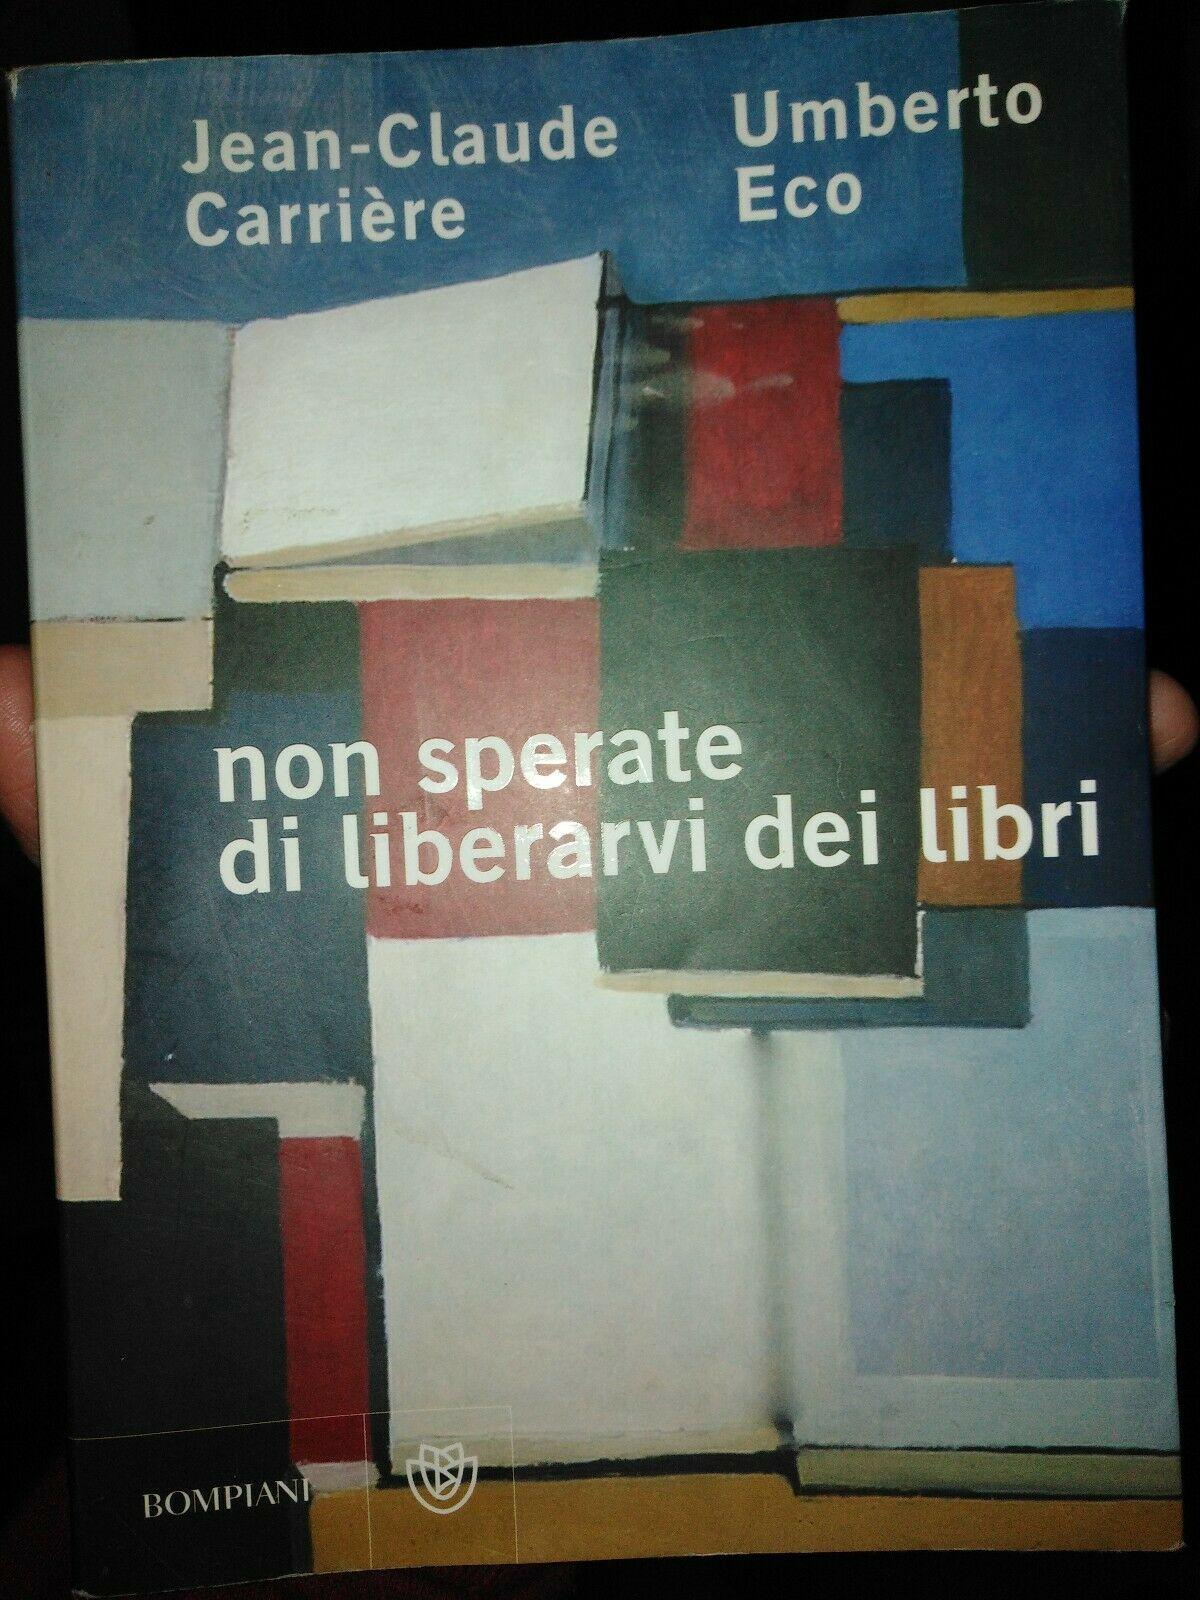 Non illudetevi: dei libri non ci si può liberare: lo dicono Carrière e Umberto Eco